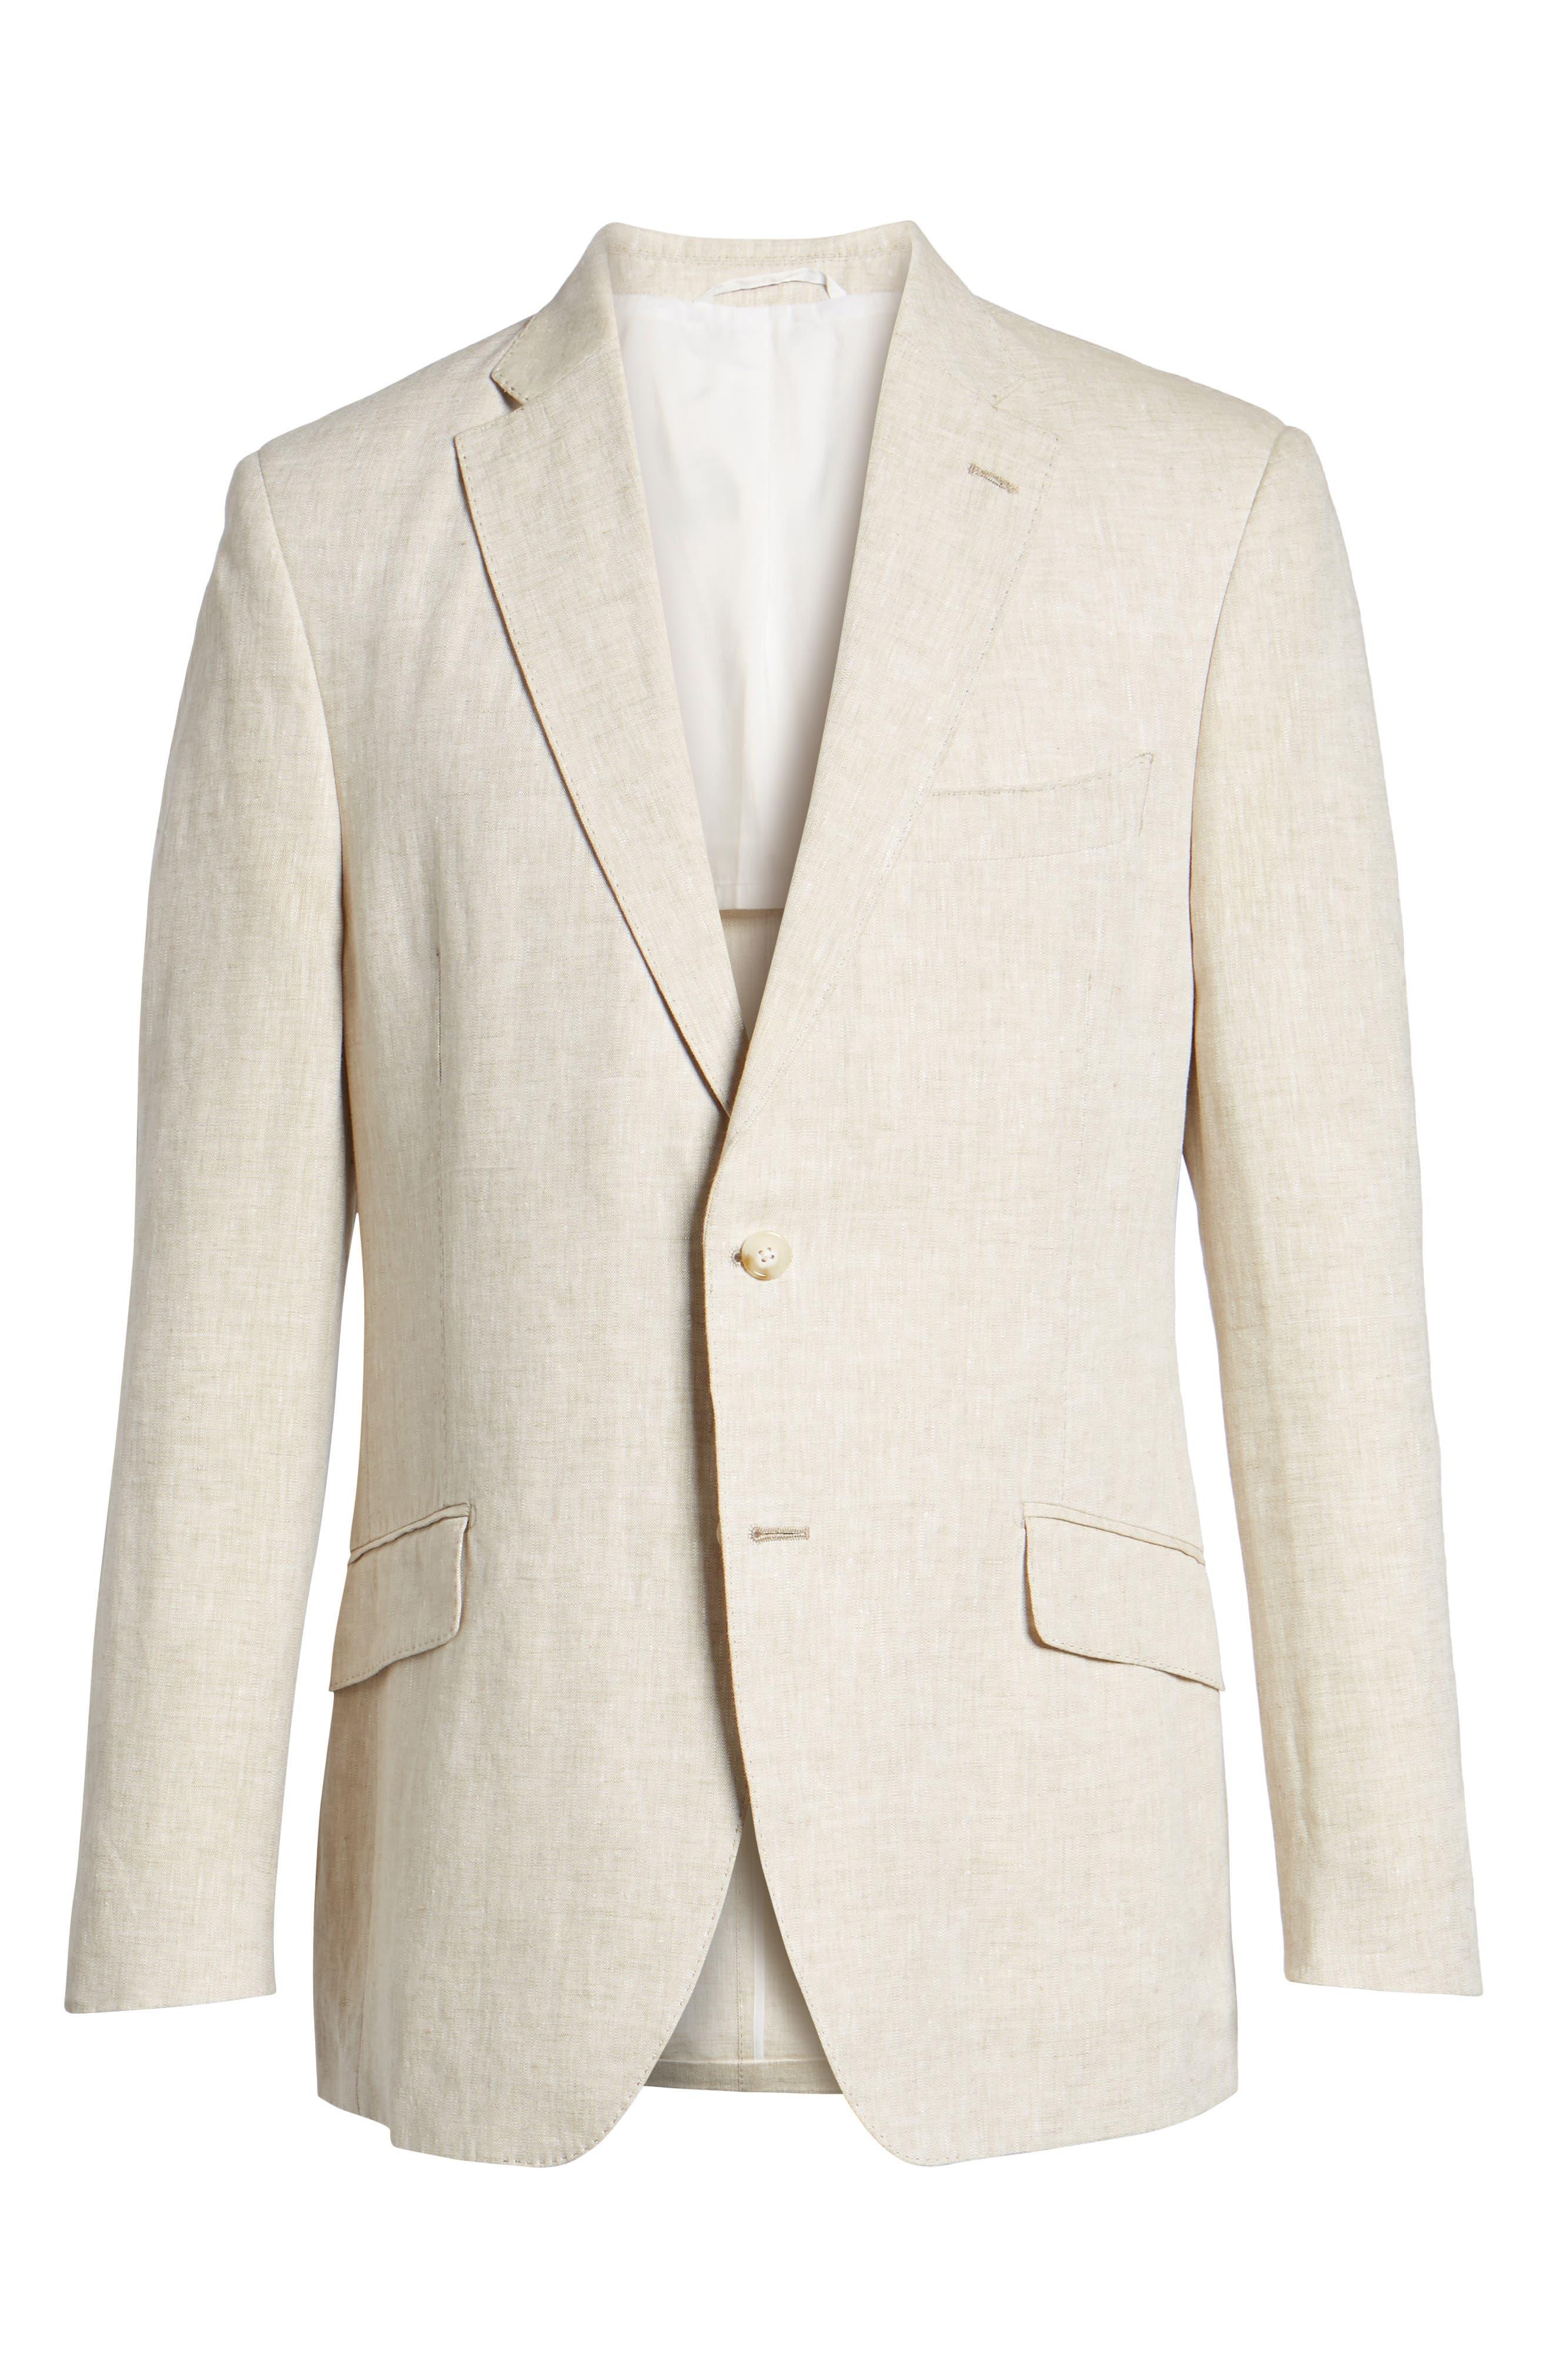 Jack AIM Classic Fit Linen Blazer,                             Alternate thumbnail 6, color,                             Natural